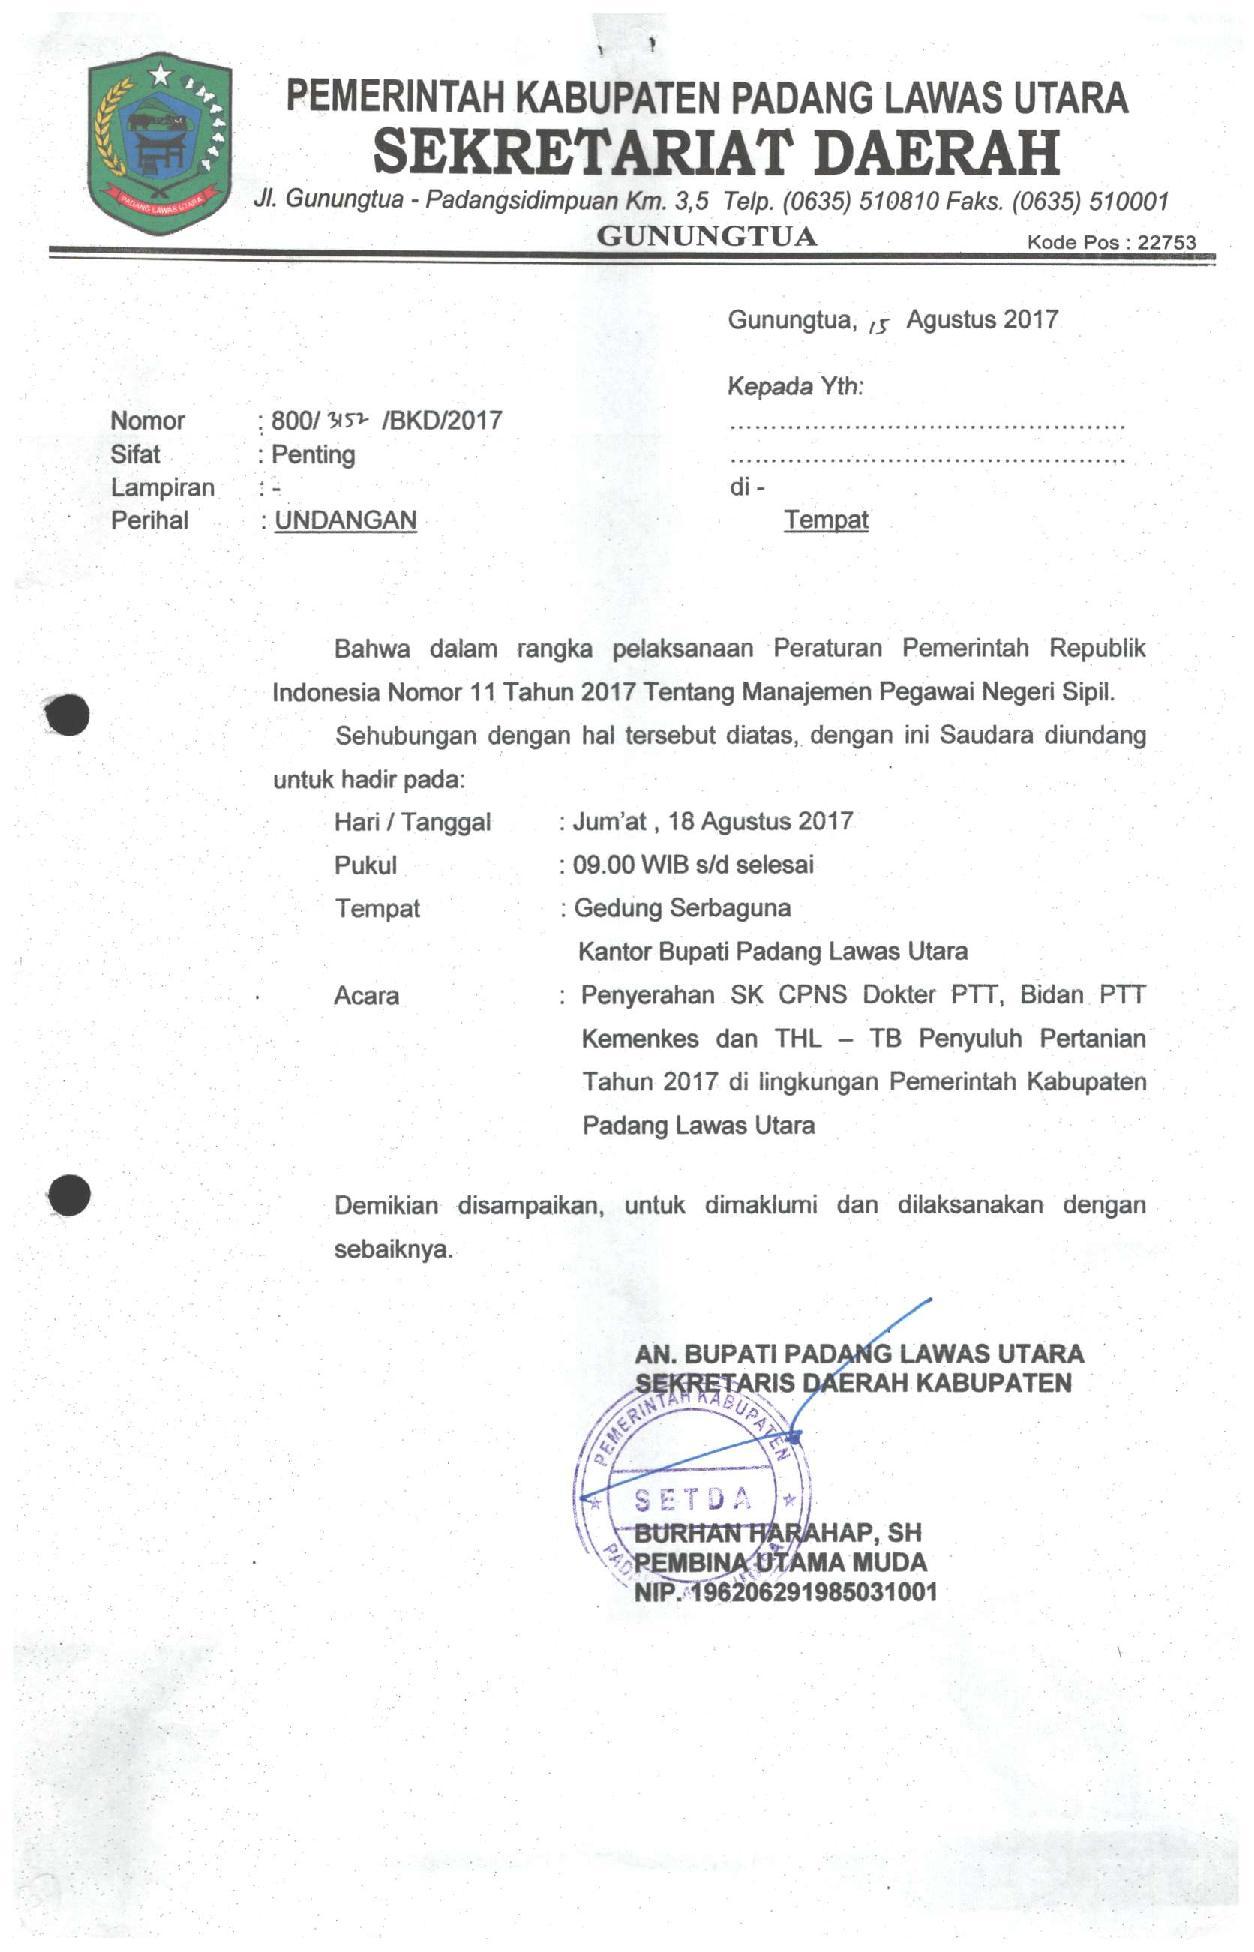 Surat Undangan Penyerahan Sk Bidang Ptt Dan Tenaga Penyluh